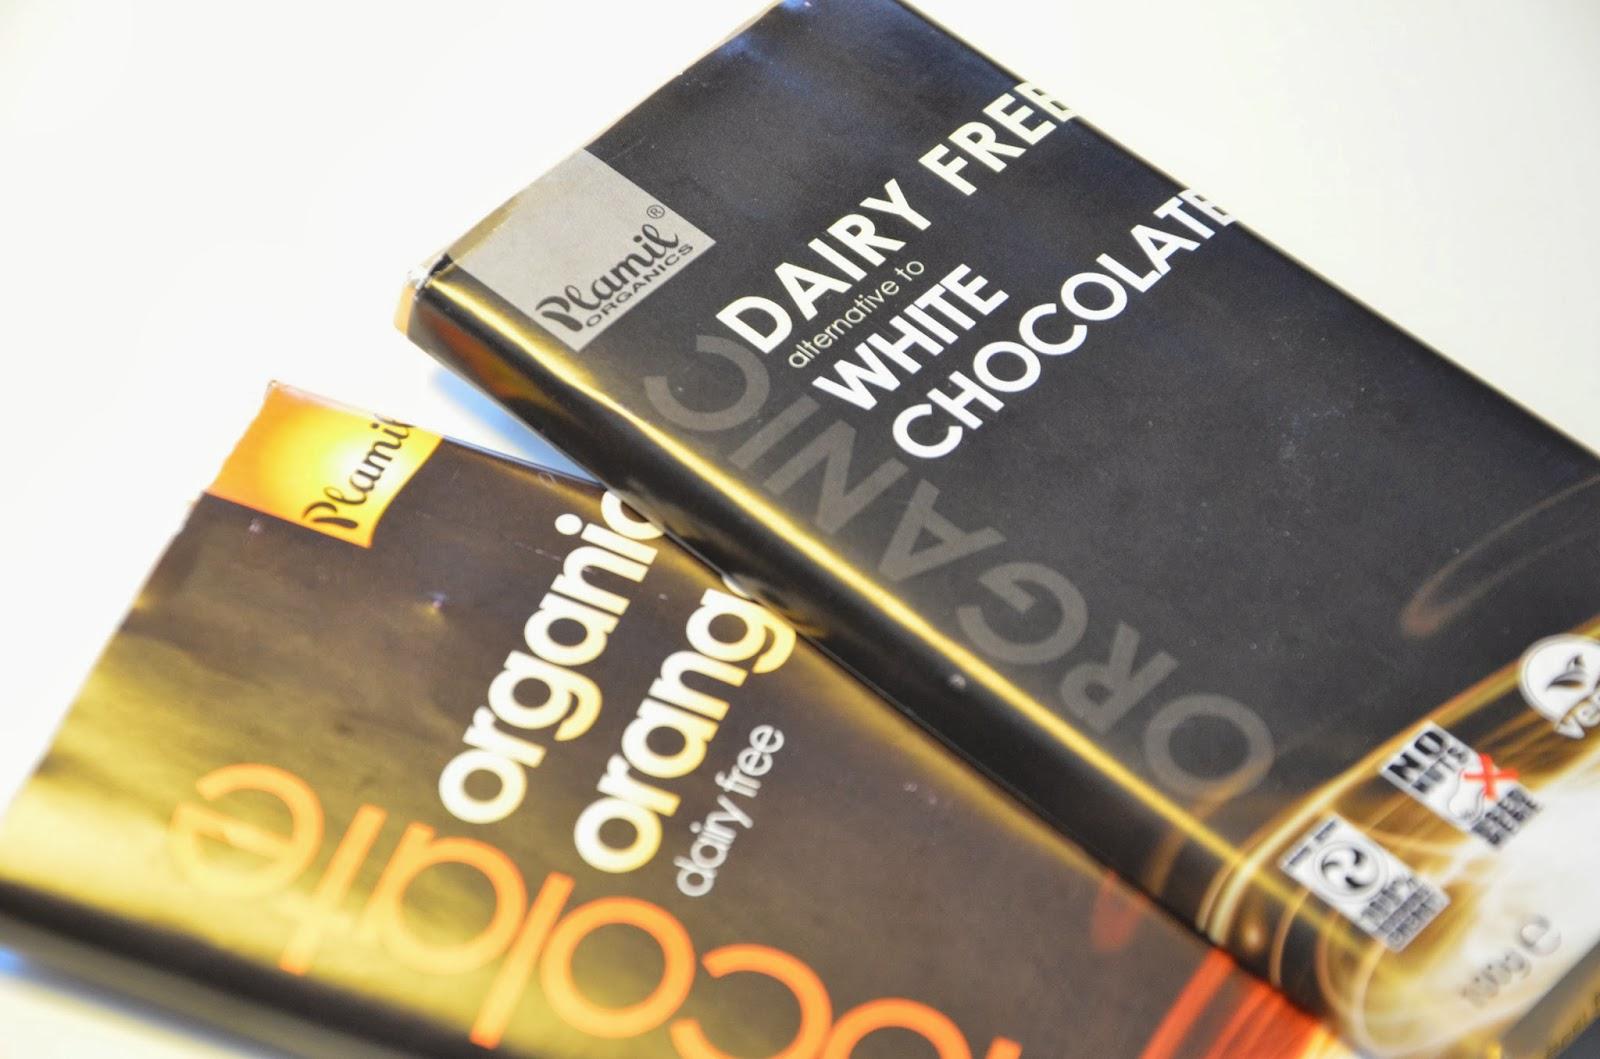 894372edbad Mærket er Plamil organics, og chokoladen er både fri for mælk, gluten, æg,  nødder, er vegansk og økologisk, og så er den fremstillet ved brug af 100%  ...